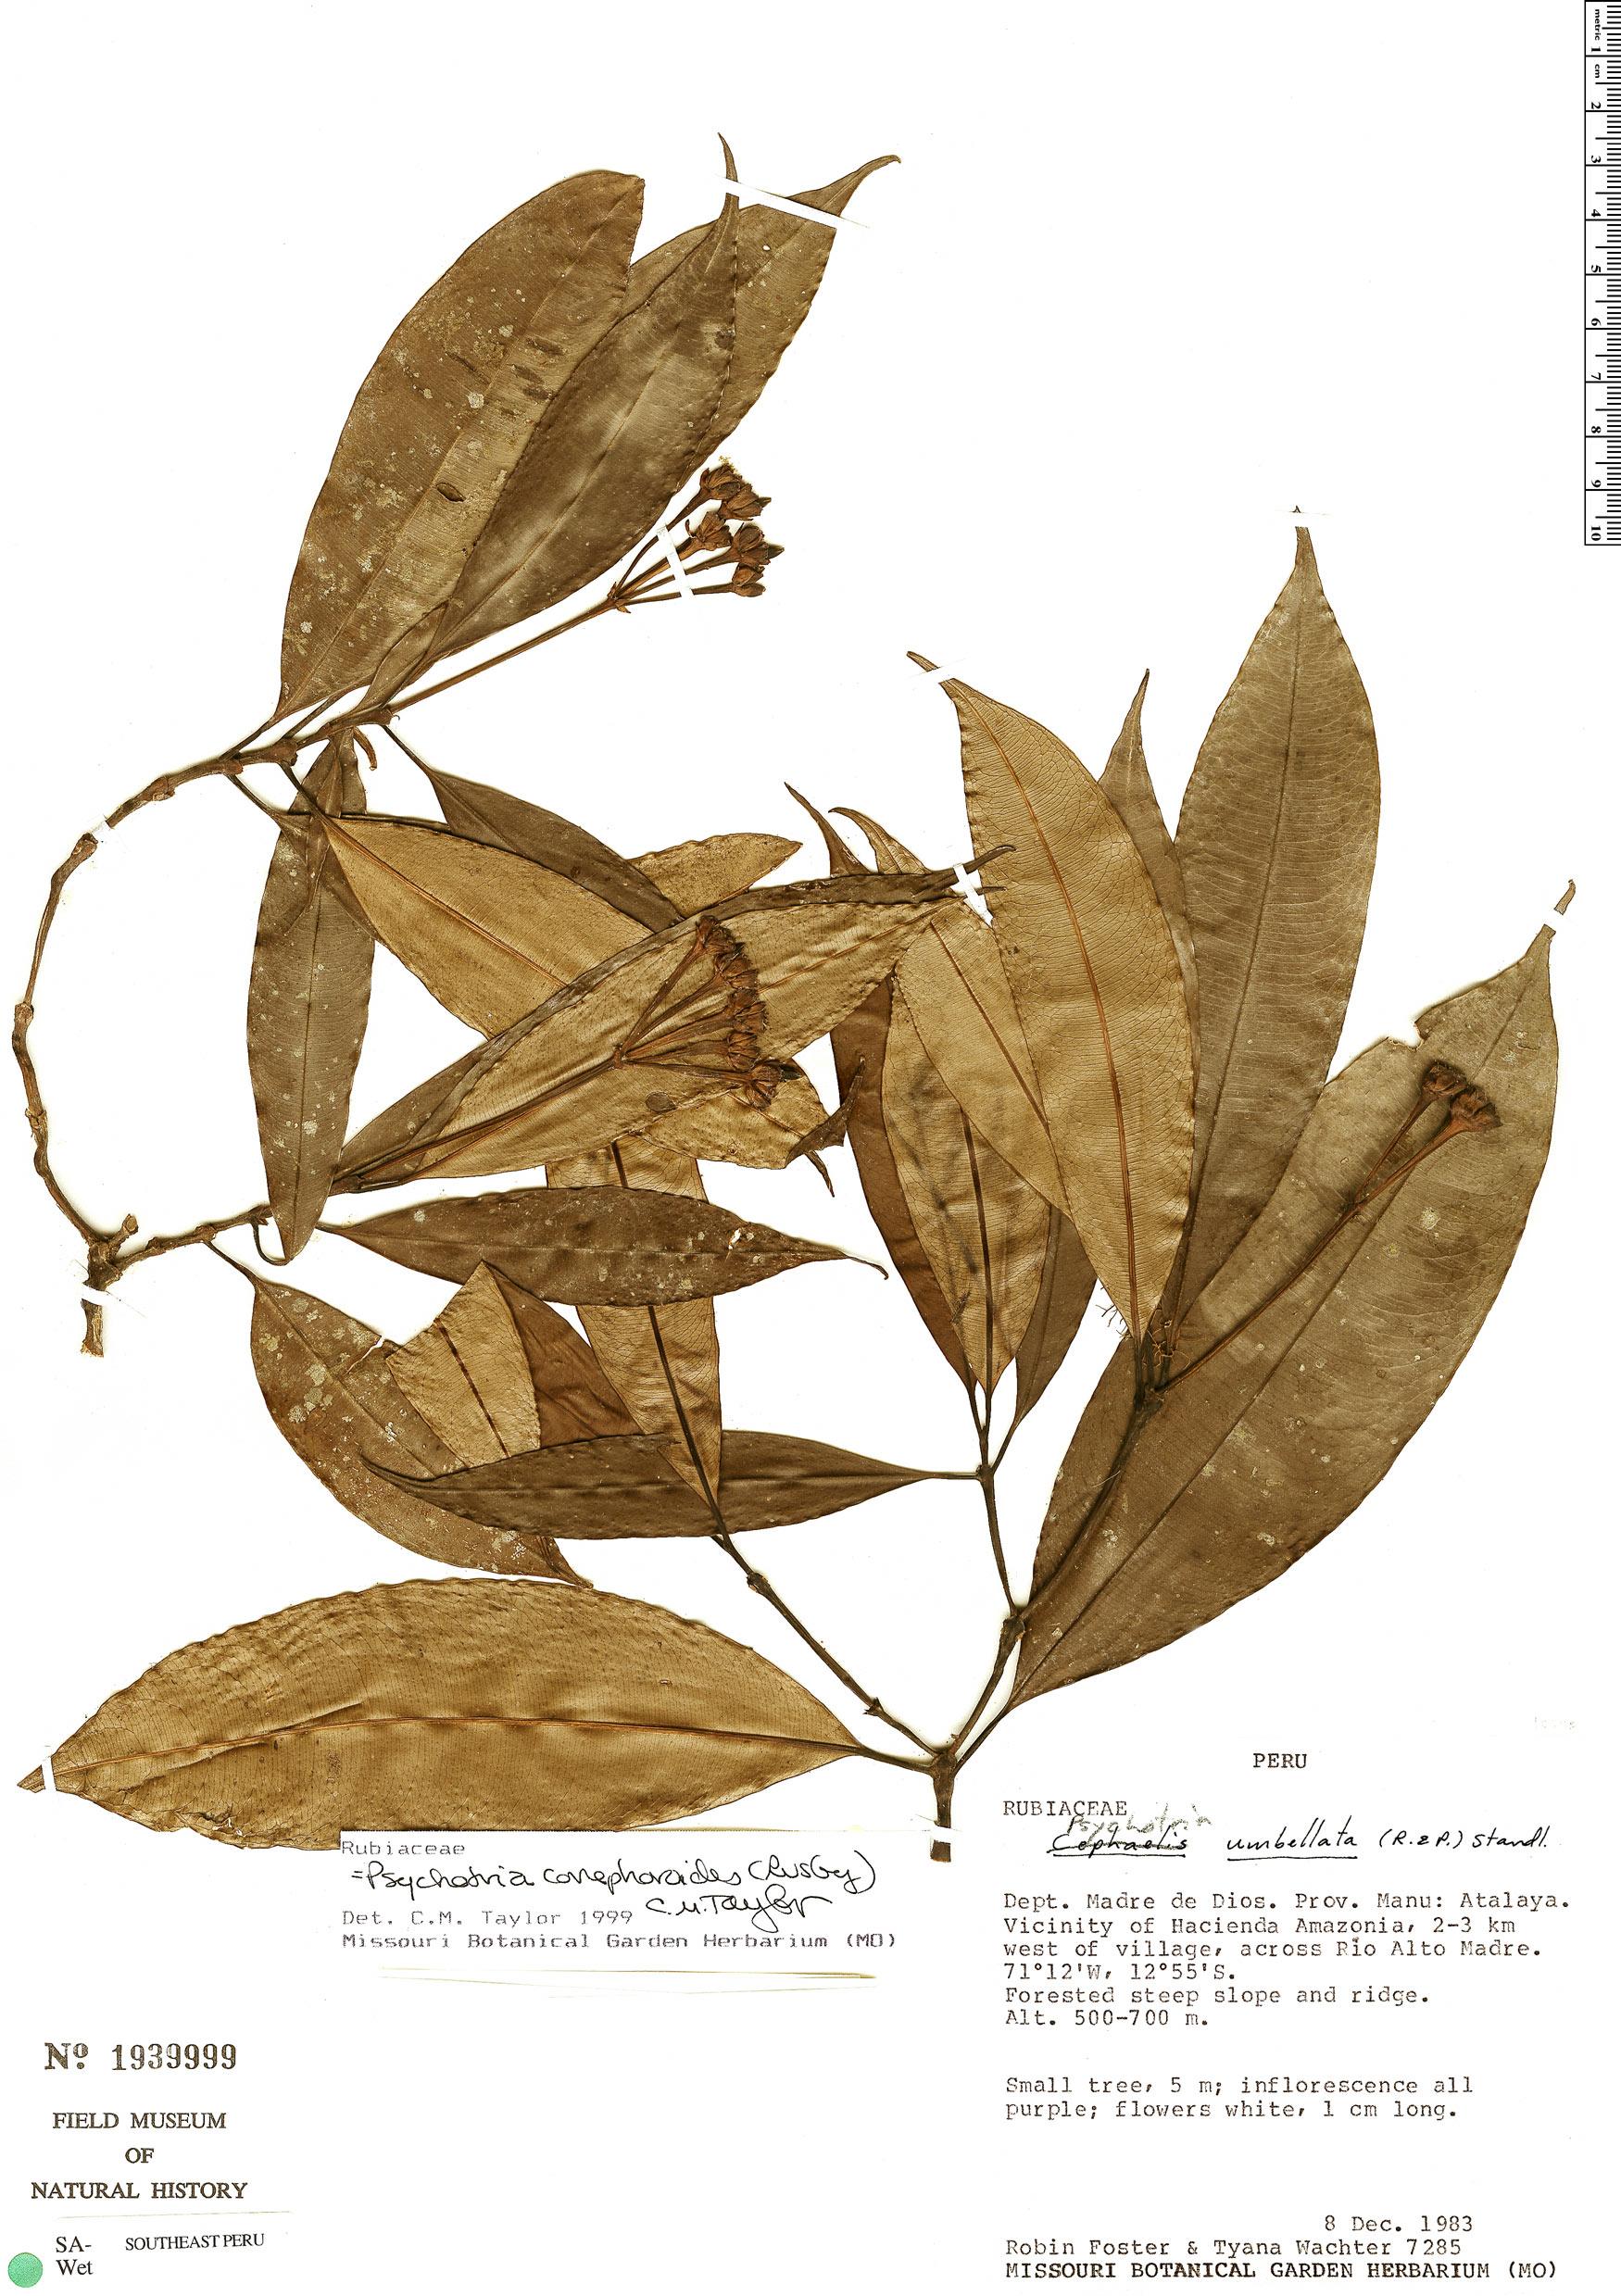 Specimen: Palicourea conephoroides